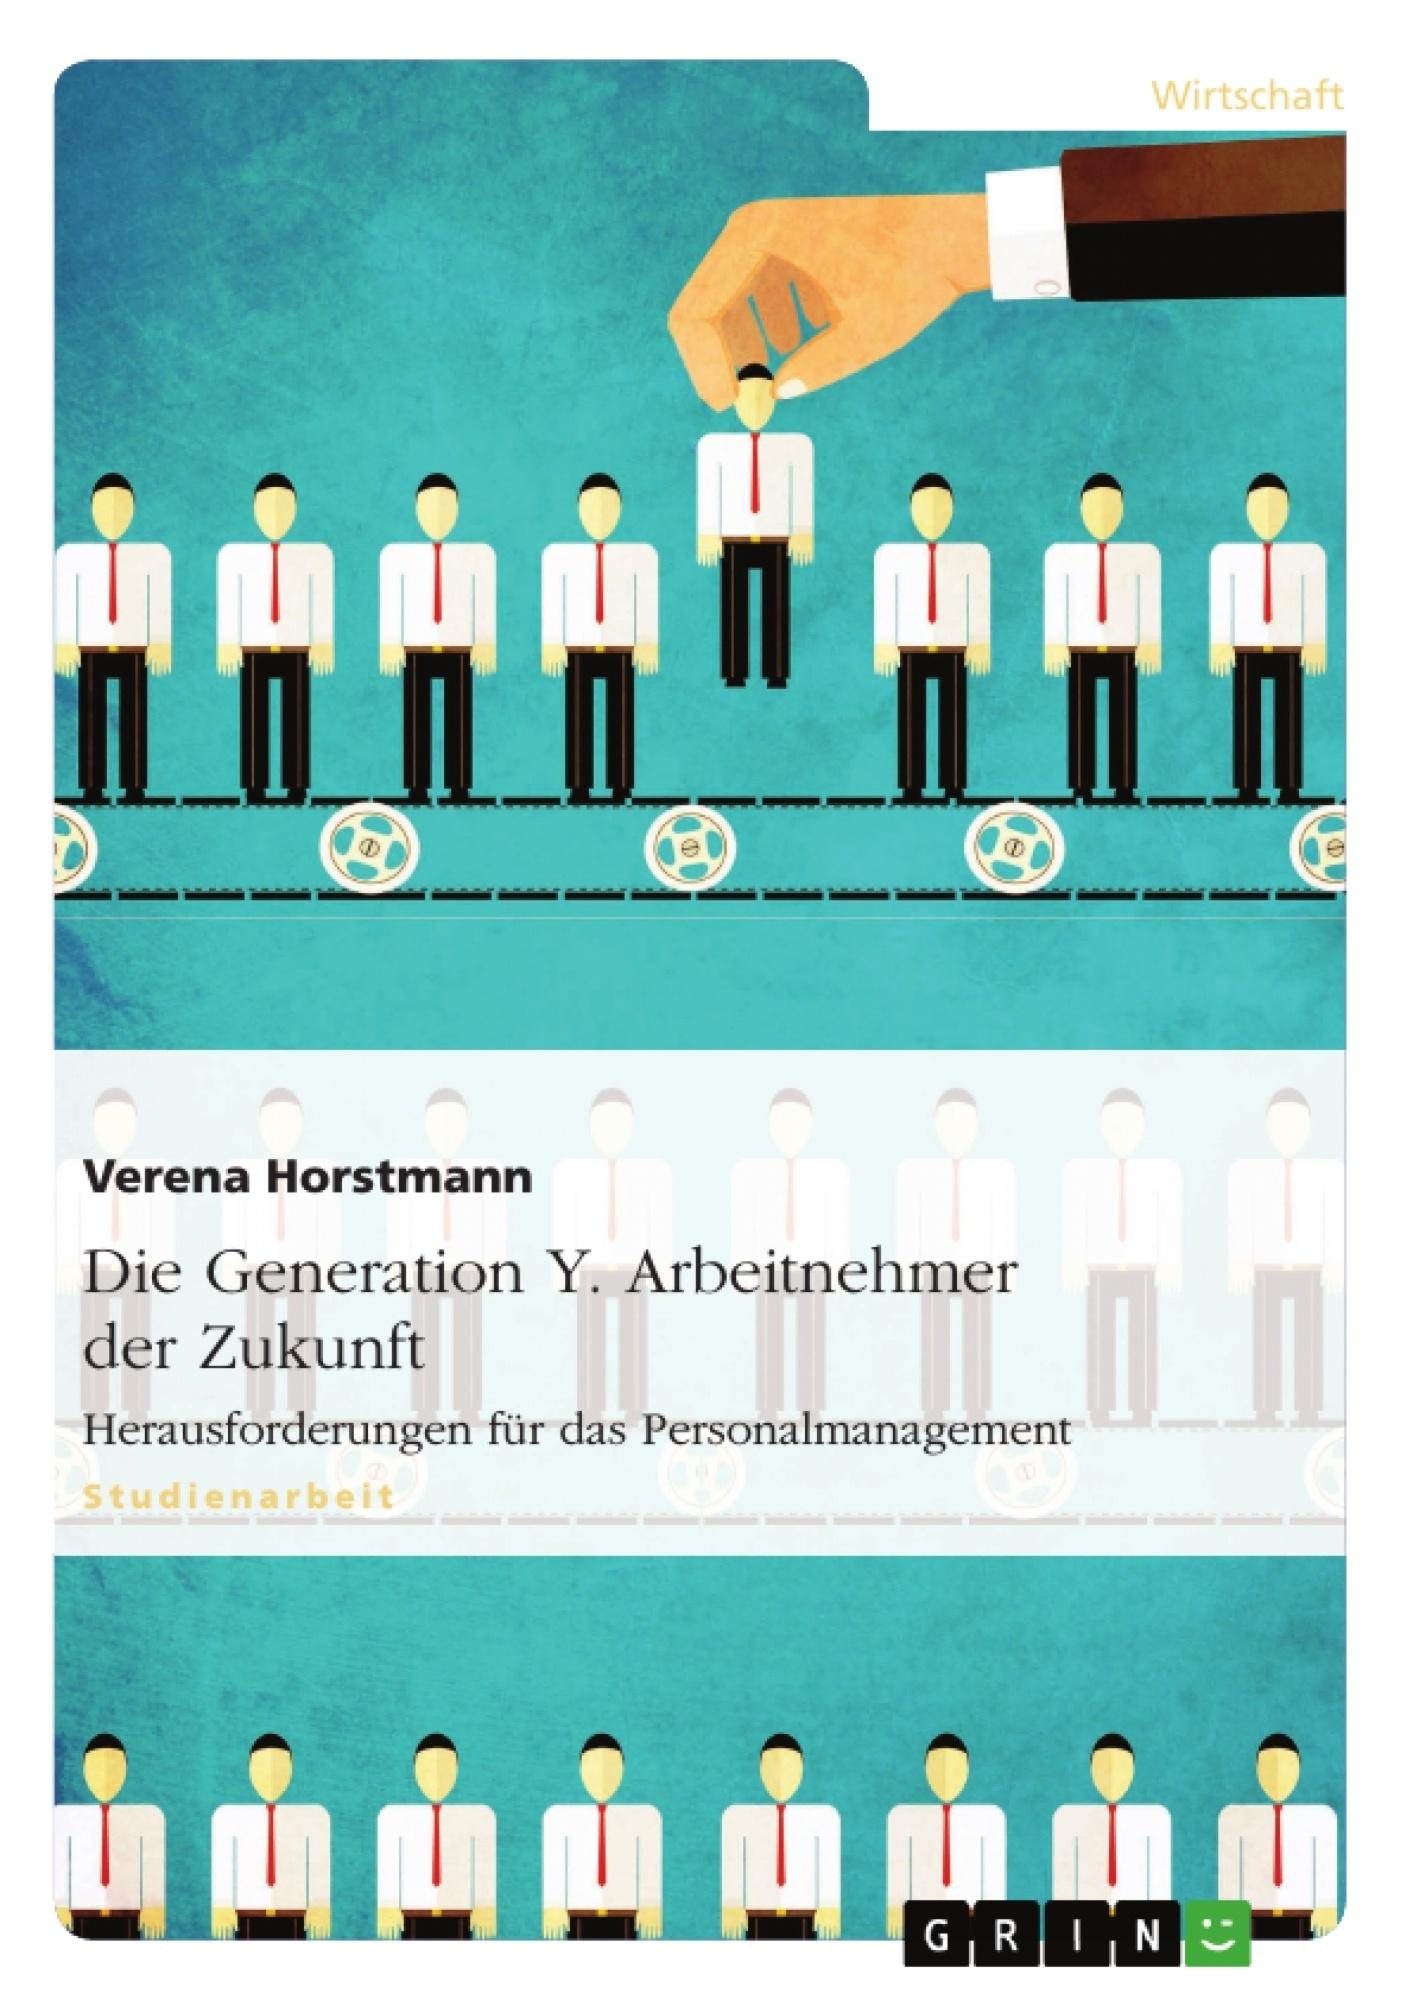 Titel: Die Generation Y. Arbeitnehmer der Zukunft